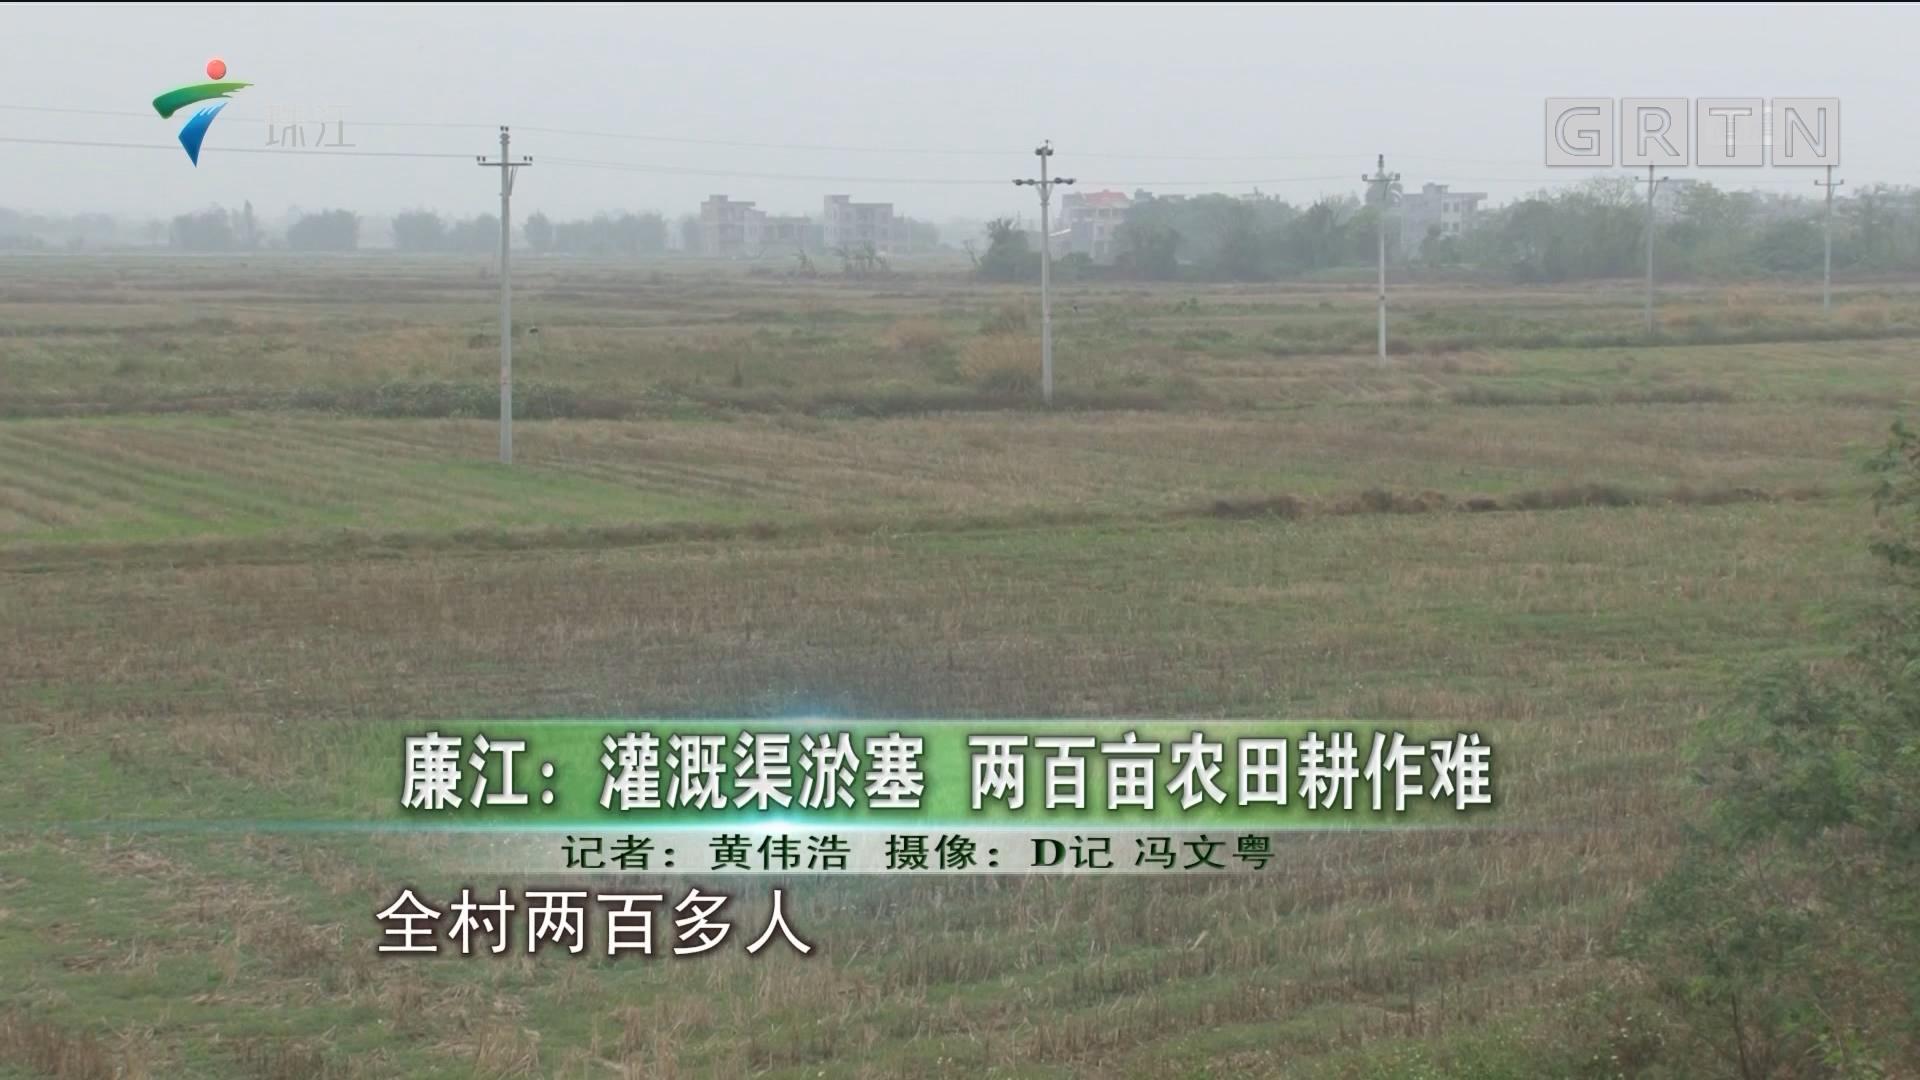 廉江:灌溉渠淤塞 两百亩农田耕作难